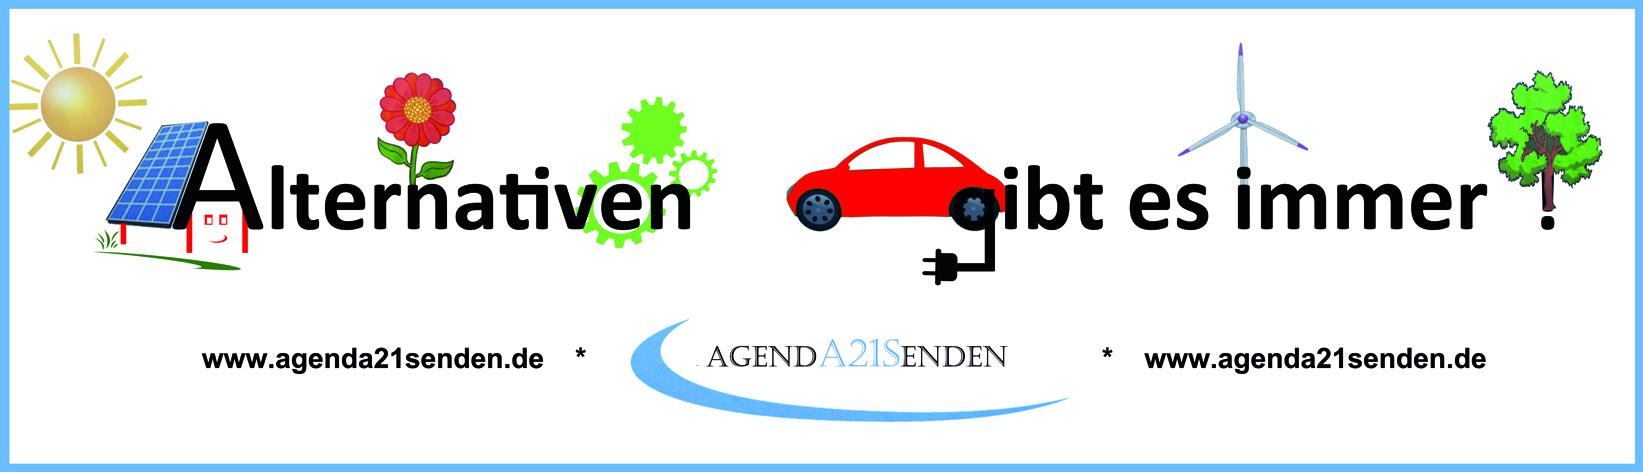 agenda21senden +++ agenda21senden mobil +++ Senden4F